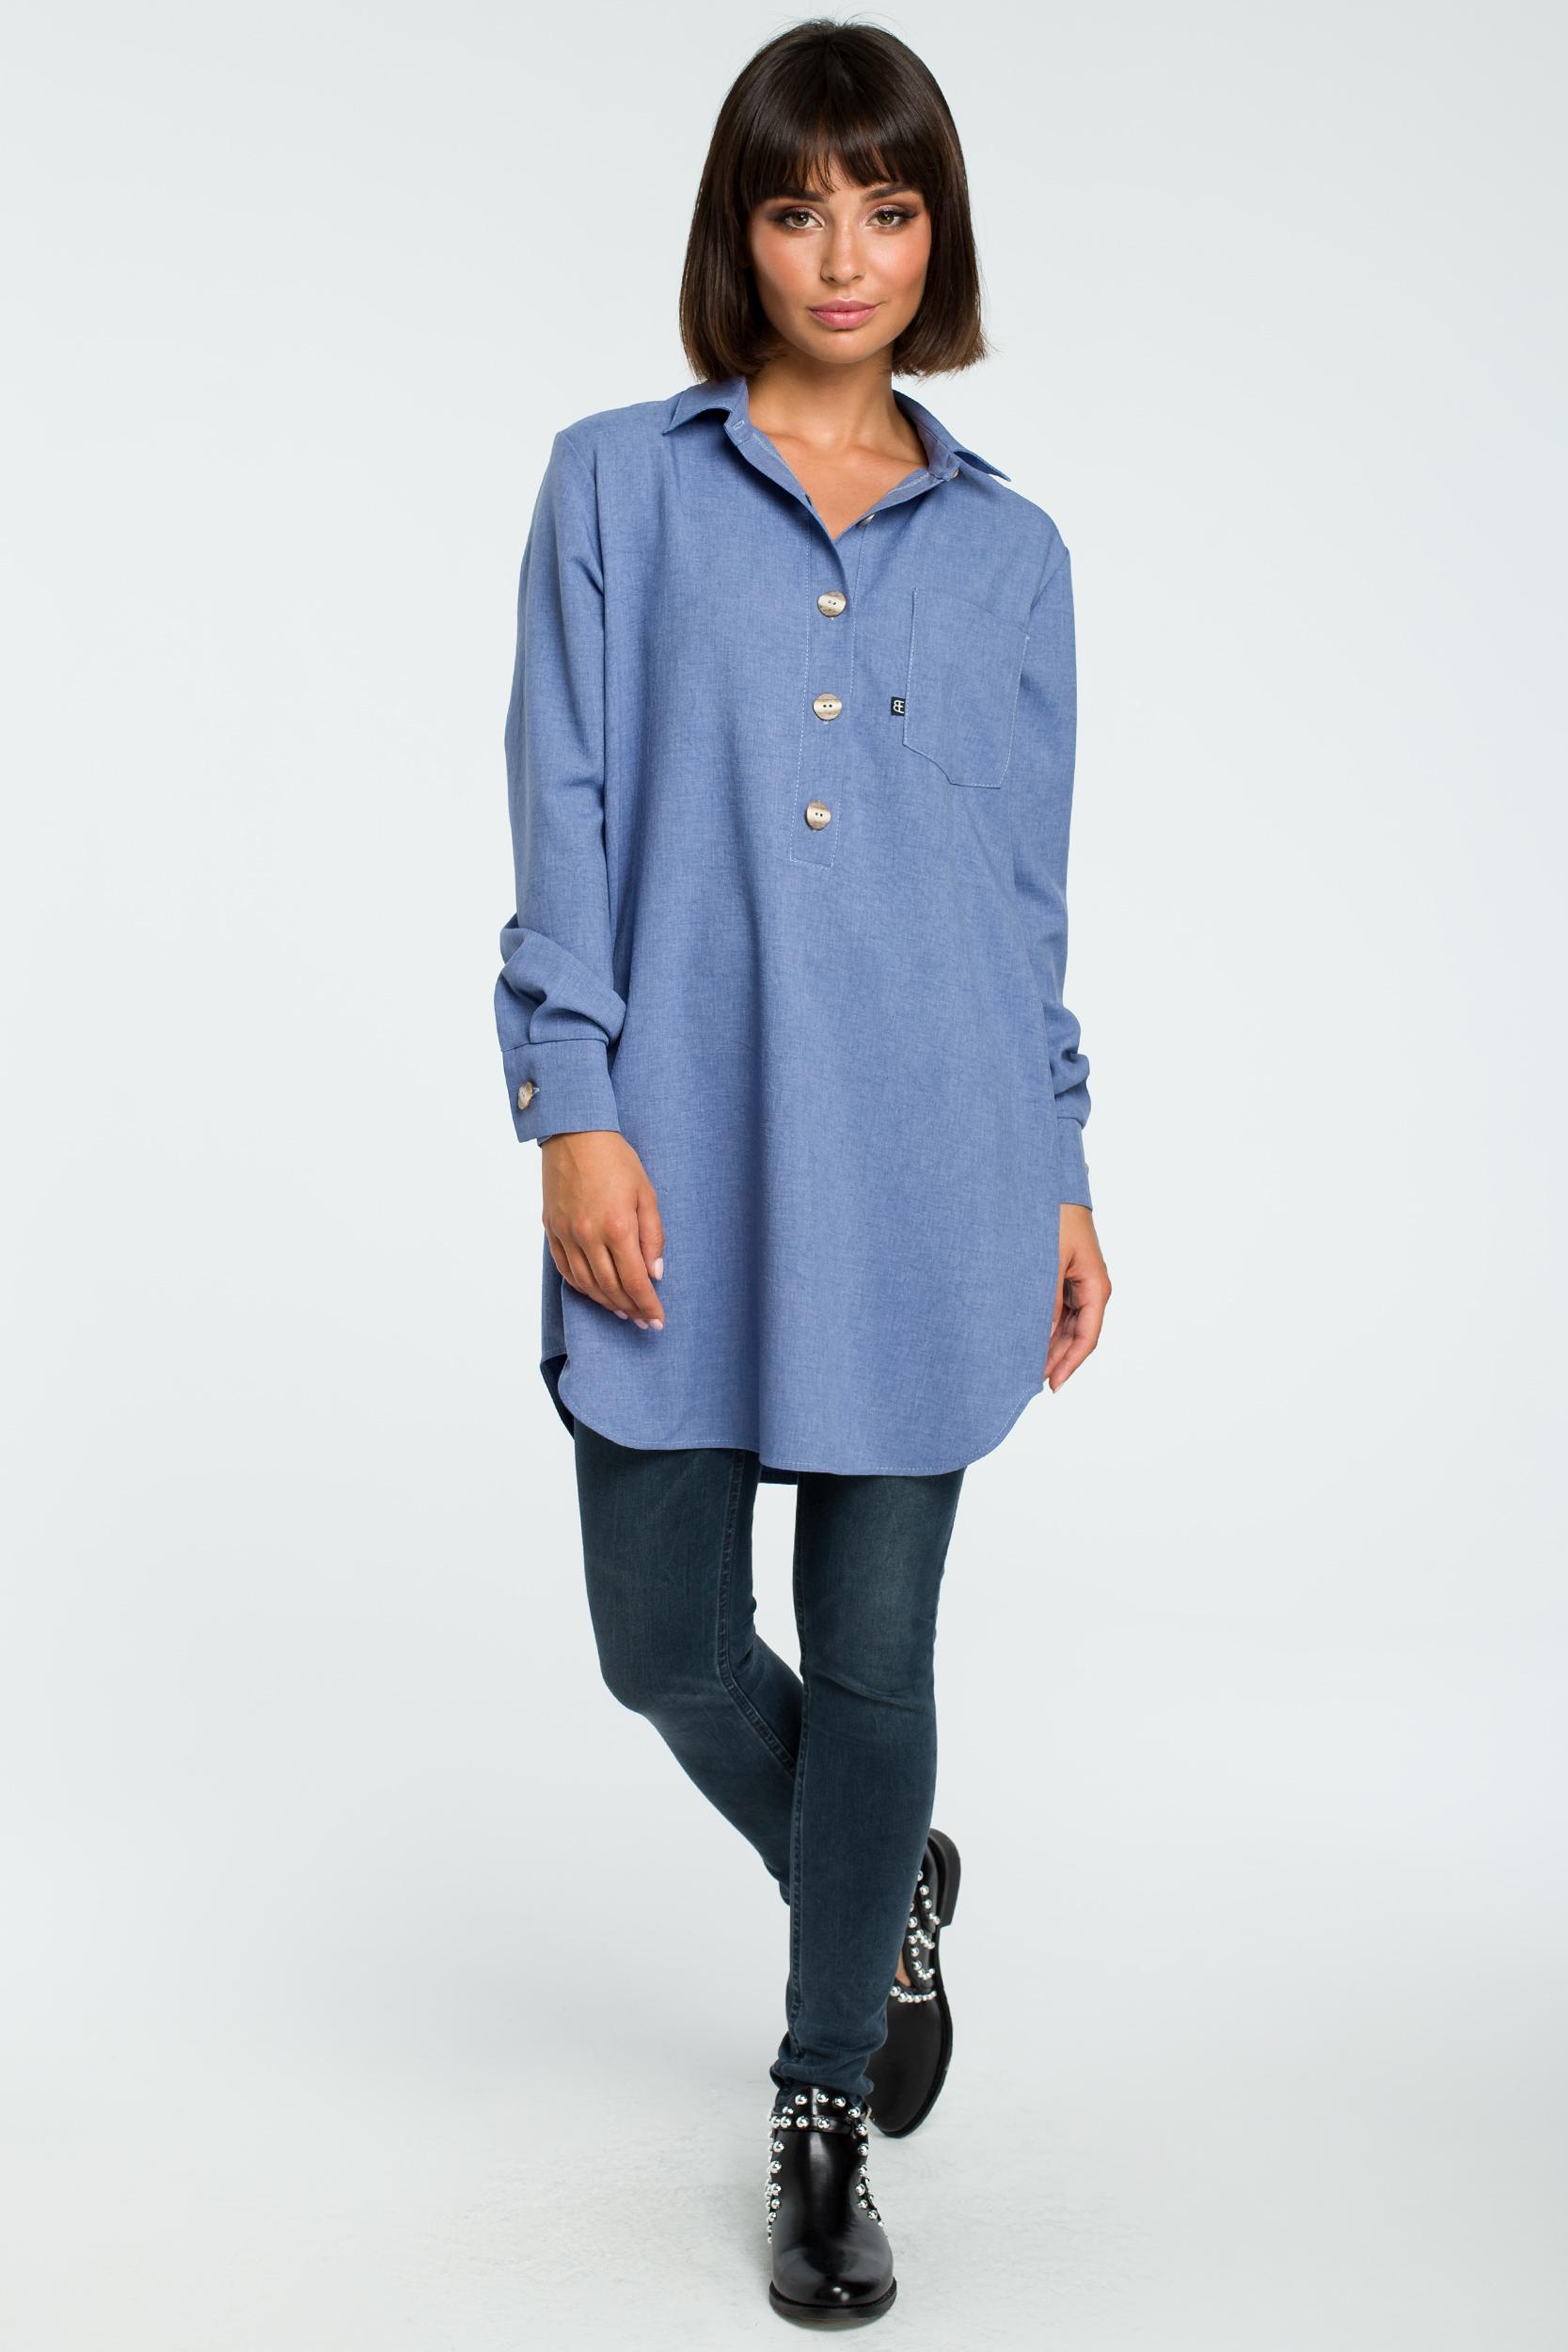 5f78fbda42 Długa koszula z lnem na guziki niebieska - wysyłka kurierem już od 5 ...